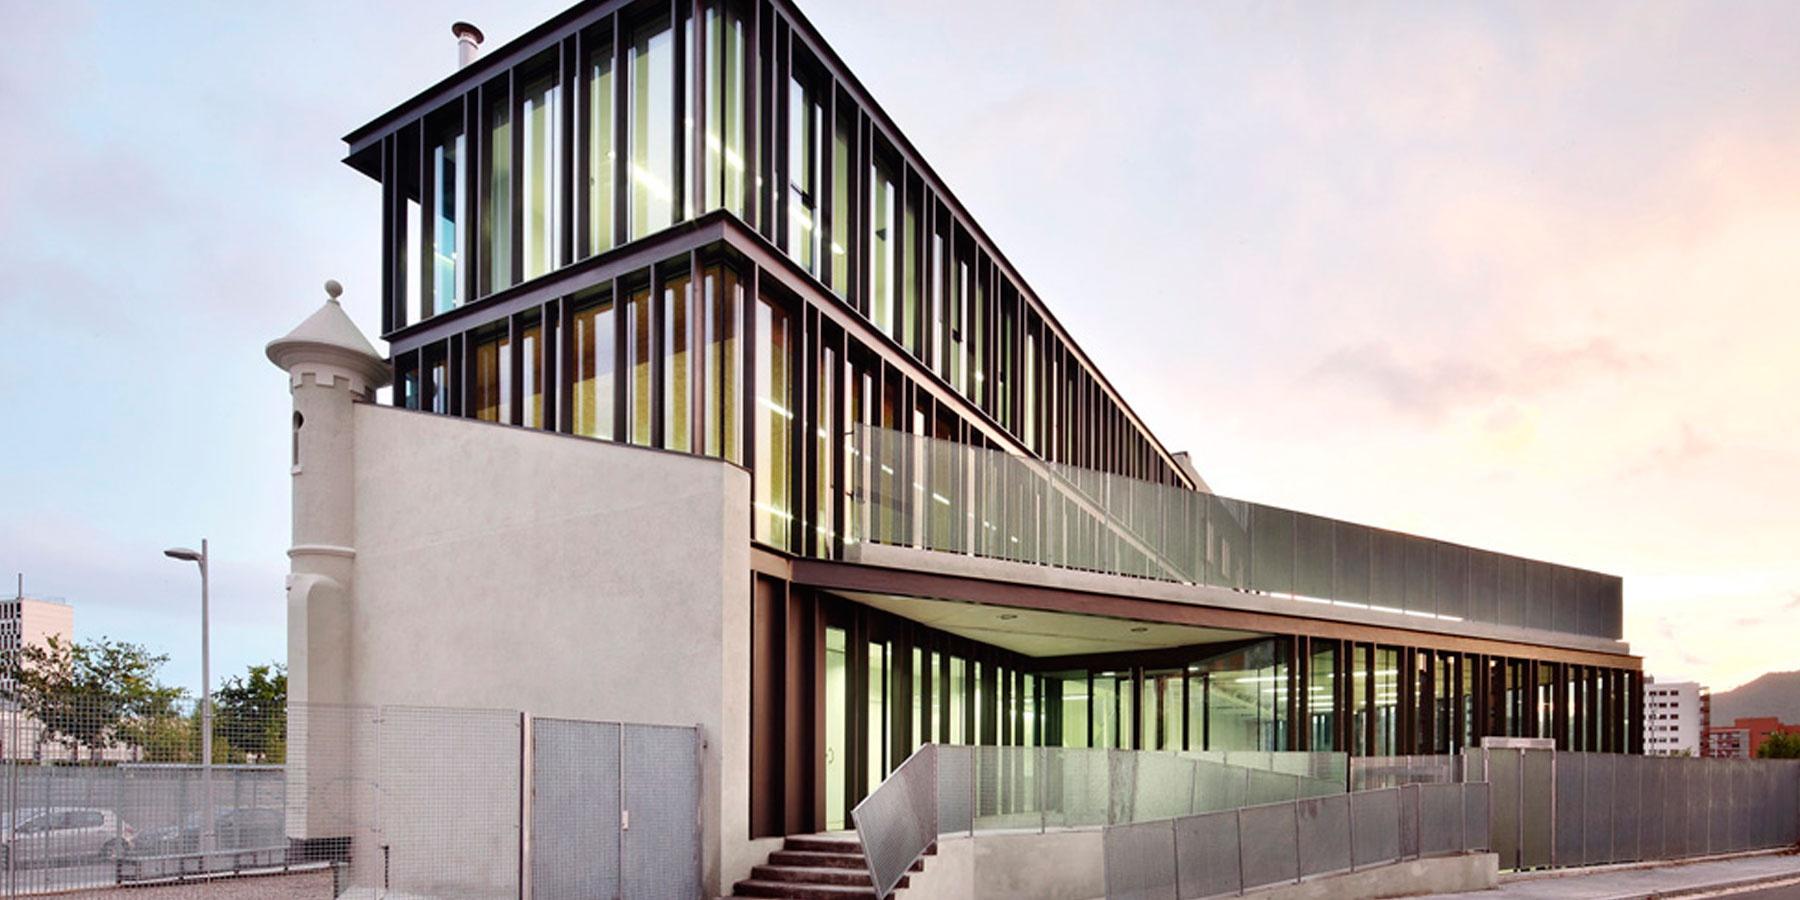 Estudios de barcelona gallery of centro de estudios - Estudio arquitectura barcelona ...